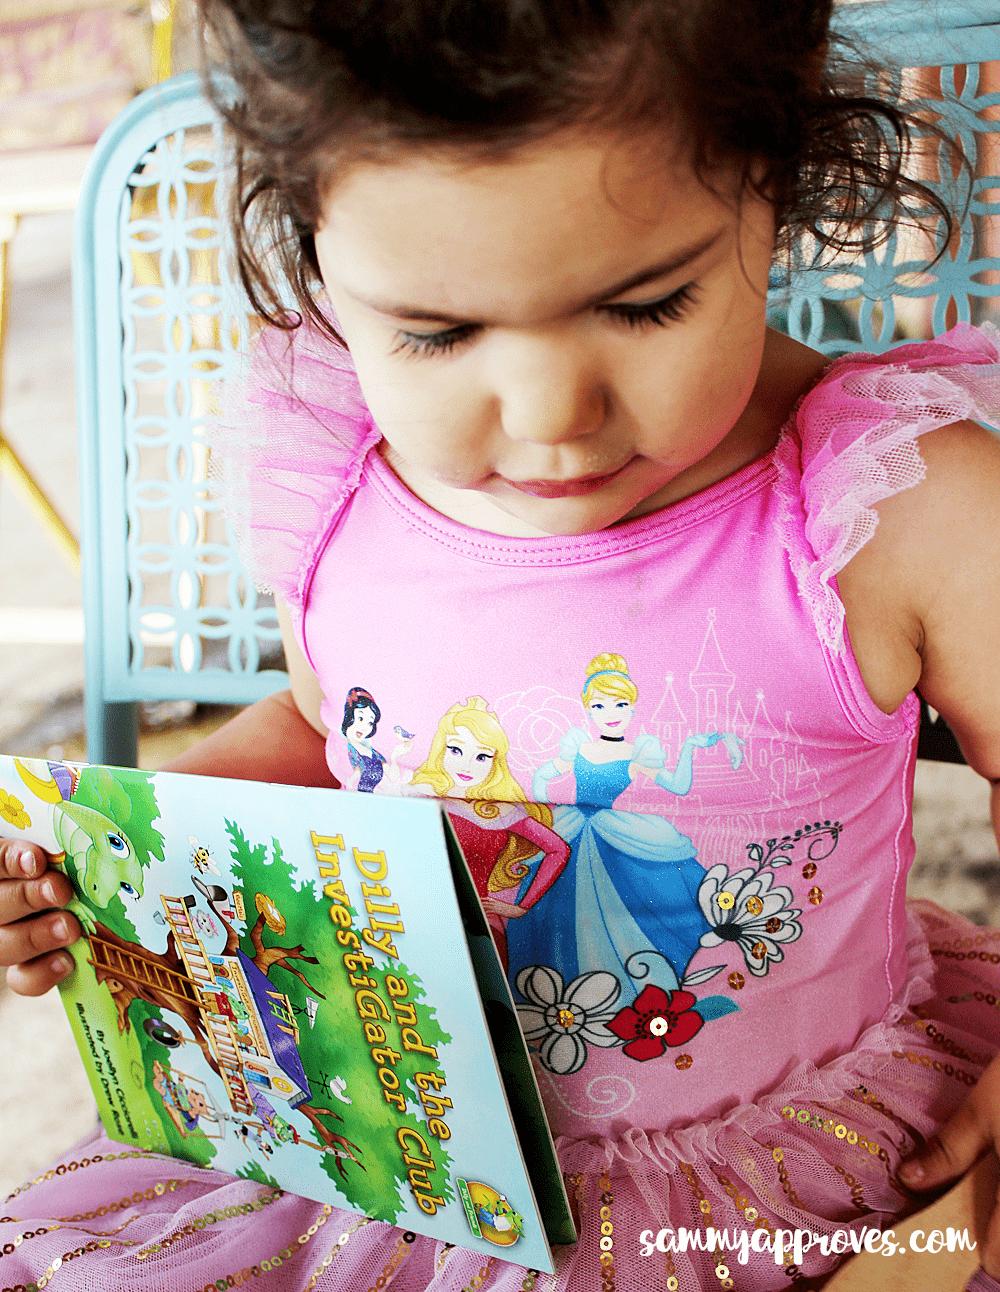 One Amazing Tool to Kick-Start Home School for Your Preschooler